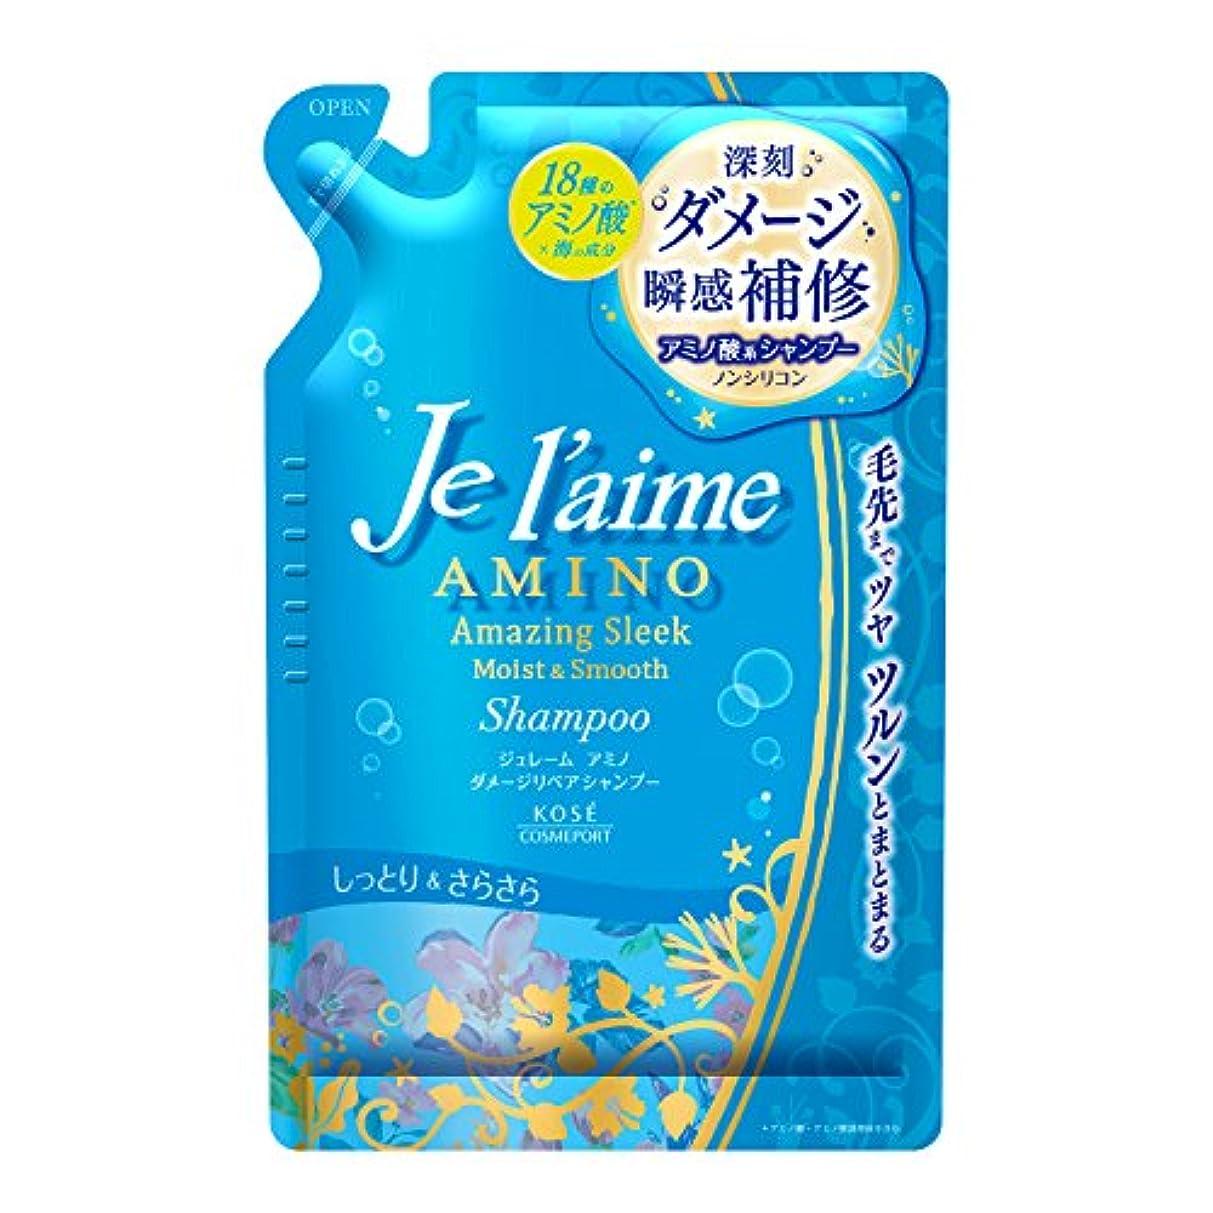 企業シリングブレンドKOSE コーセー ジュレーム アミノ ダメージ リペア シャンプー ノンシリコン アミノ酸 配合 (モイスト & スムース) つめかえ 400ml